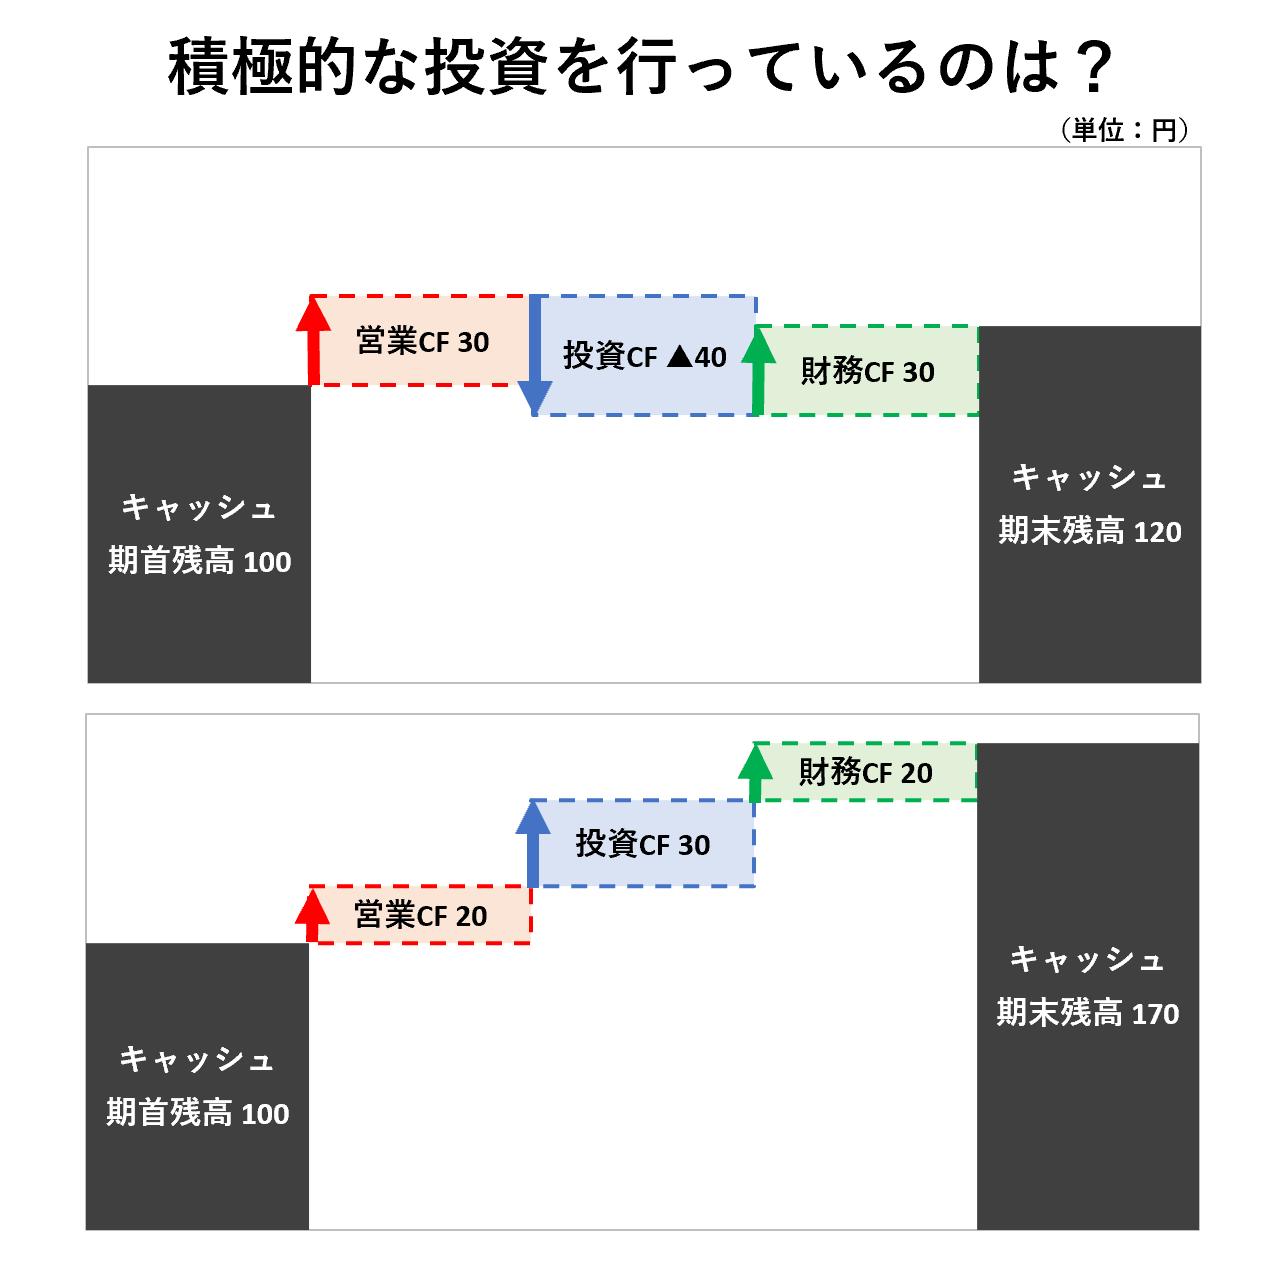 CF分析(3級):CFの循環パターン④ー問題